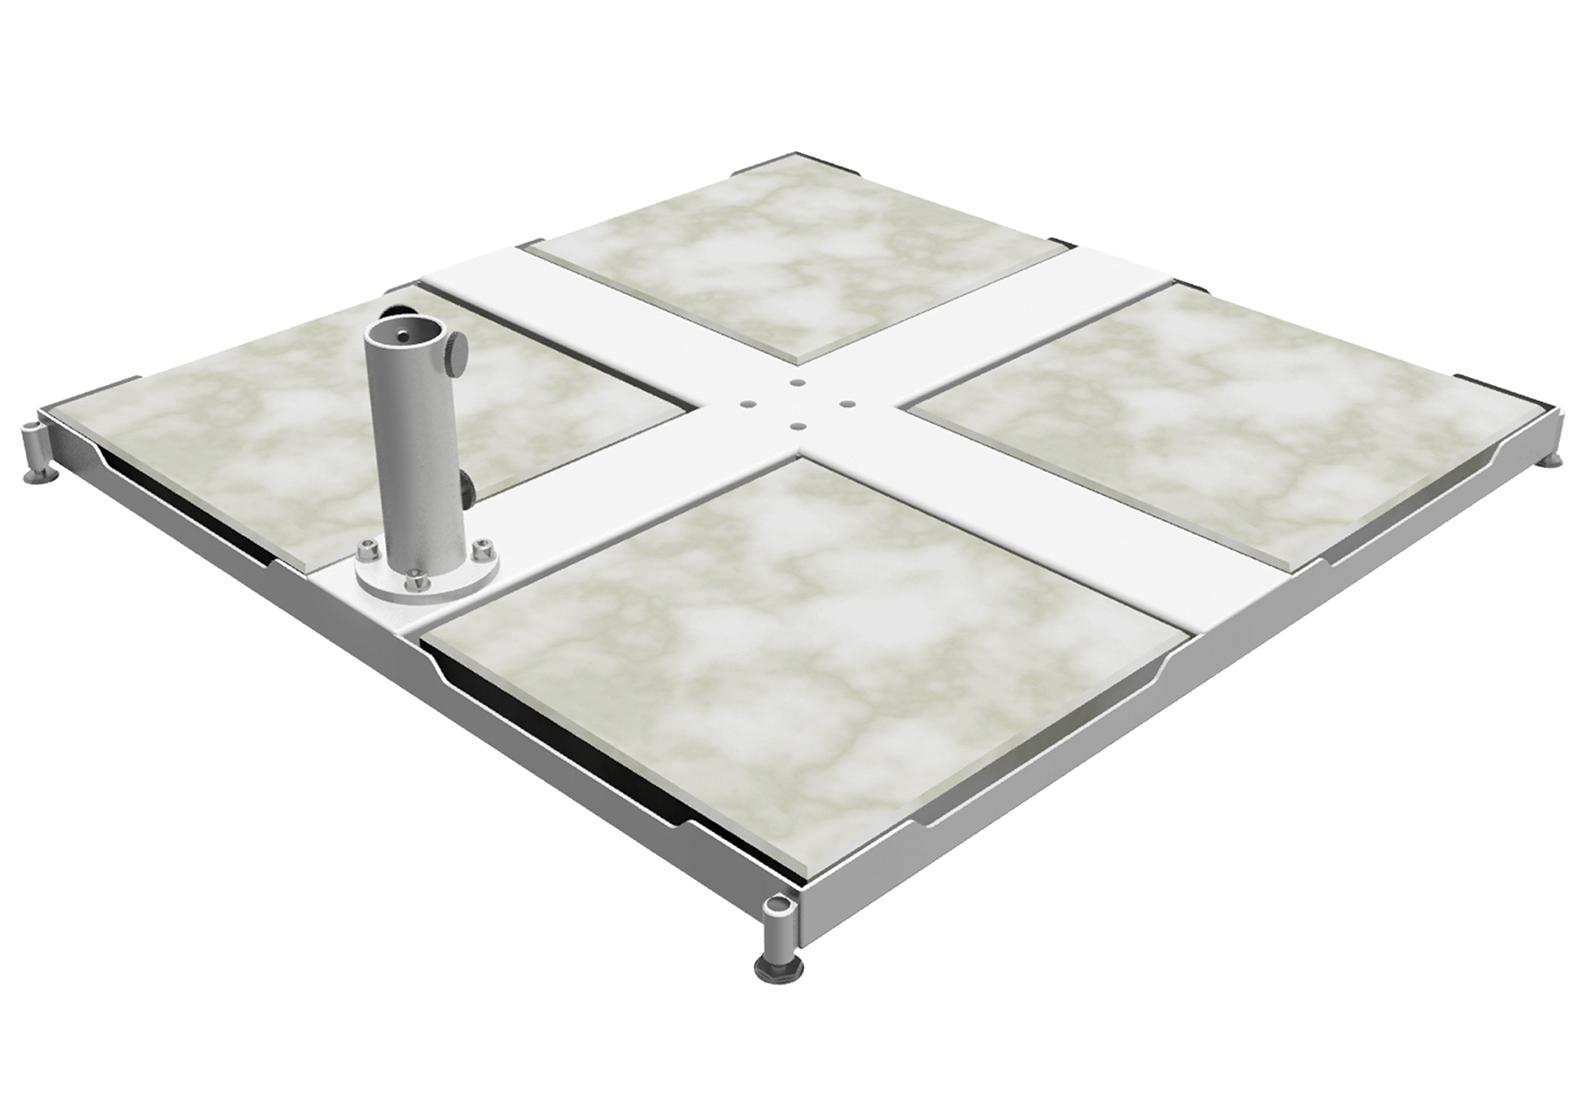 Caravita Schirmstaender Standfuss aus pulverbeschichtetem Stahl mit seitlich montiertem Aufsatzrohr